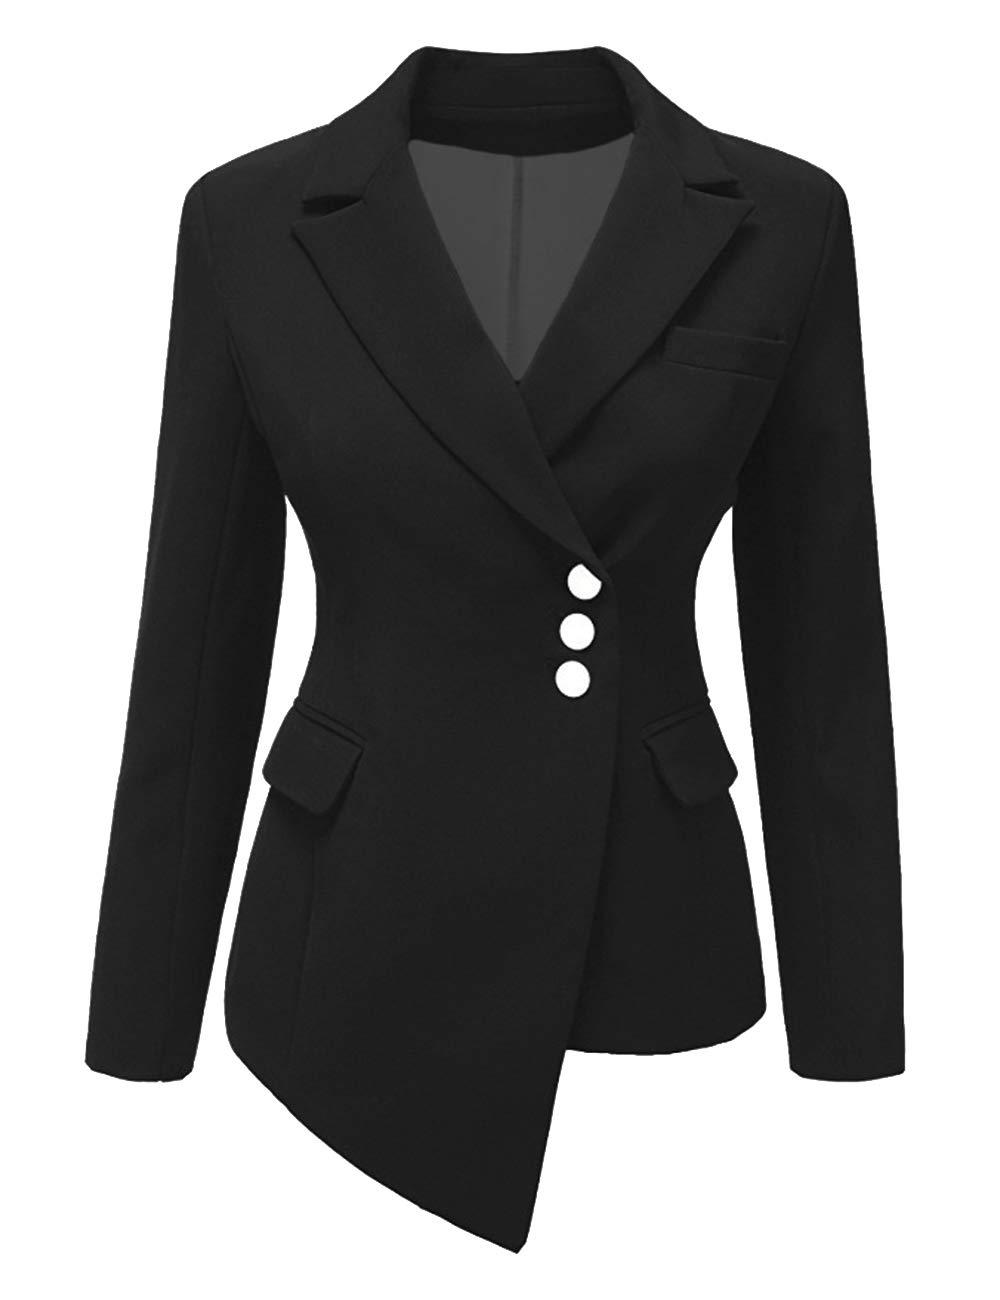 SEBOWEL Women's Casual Work Blazer Slim Open Front Asymmetric Office Jacket Suit Black L